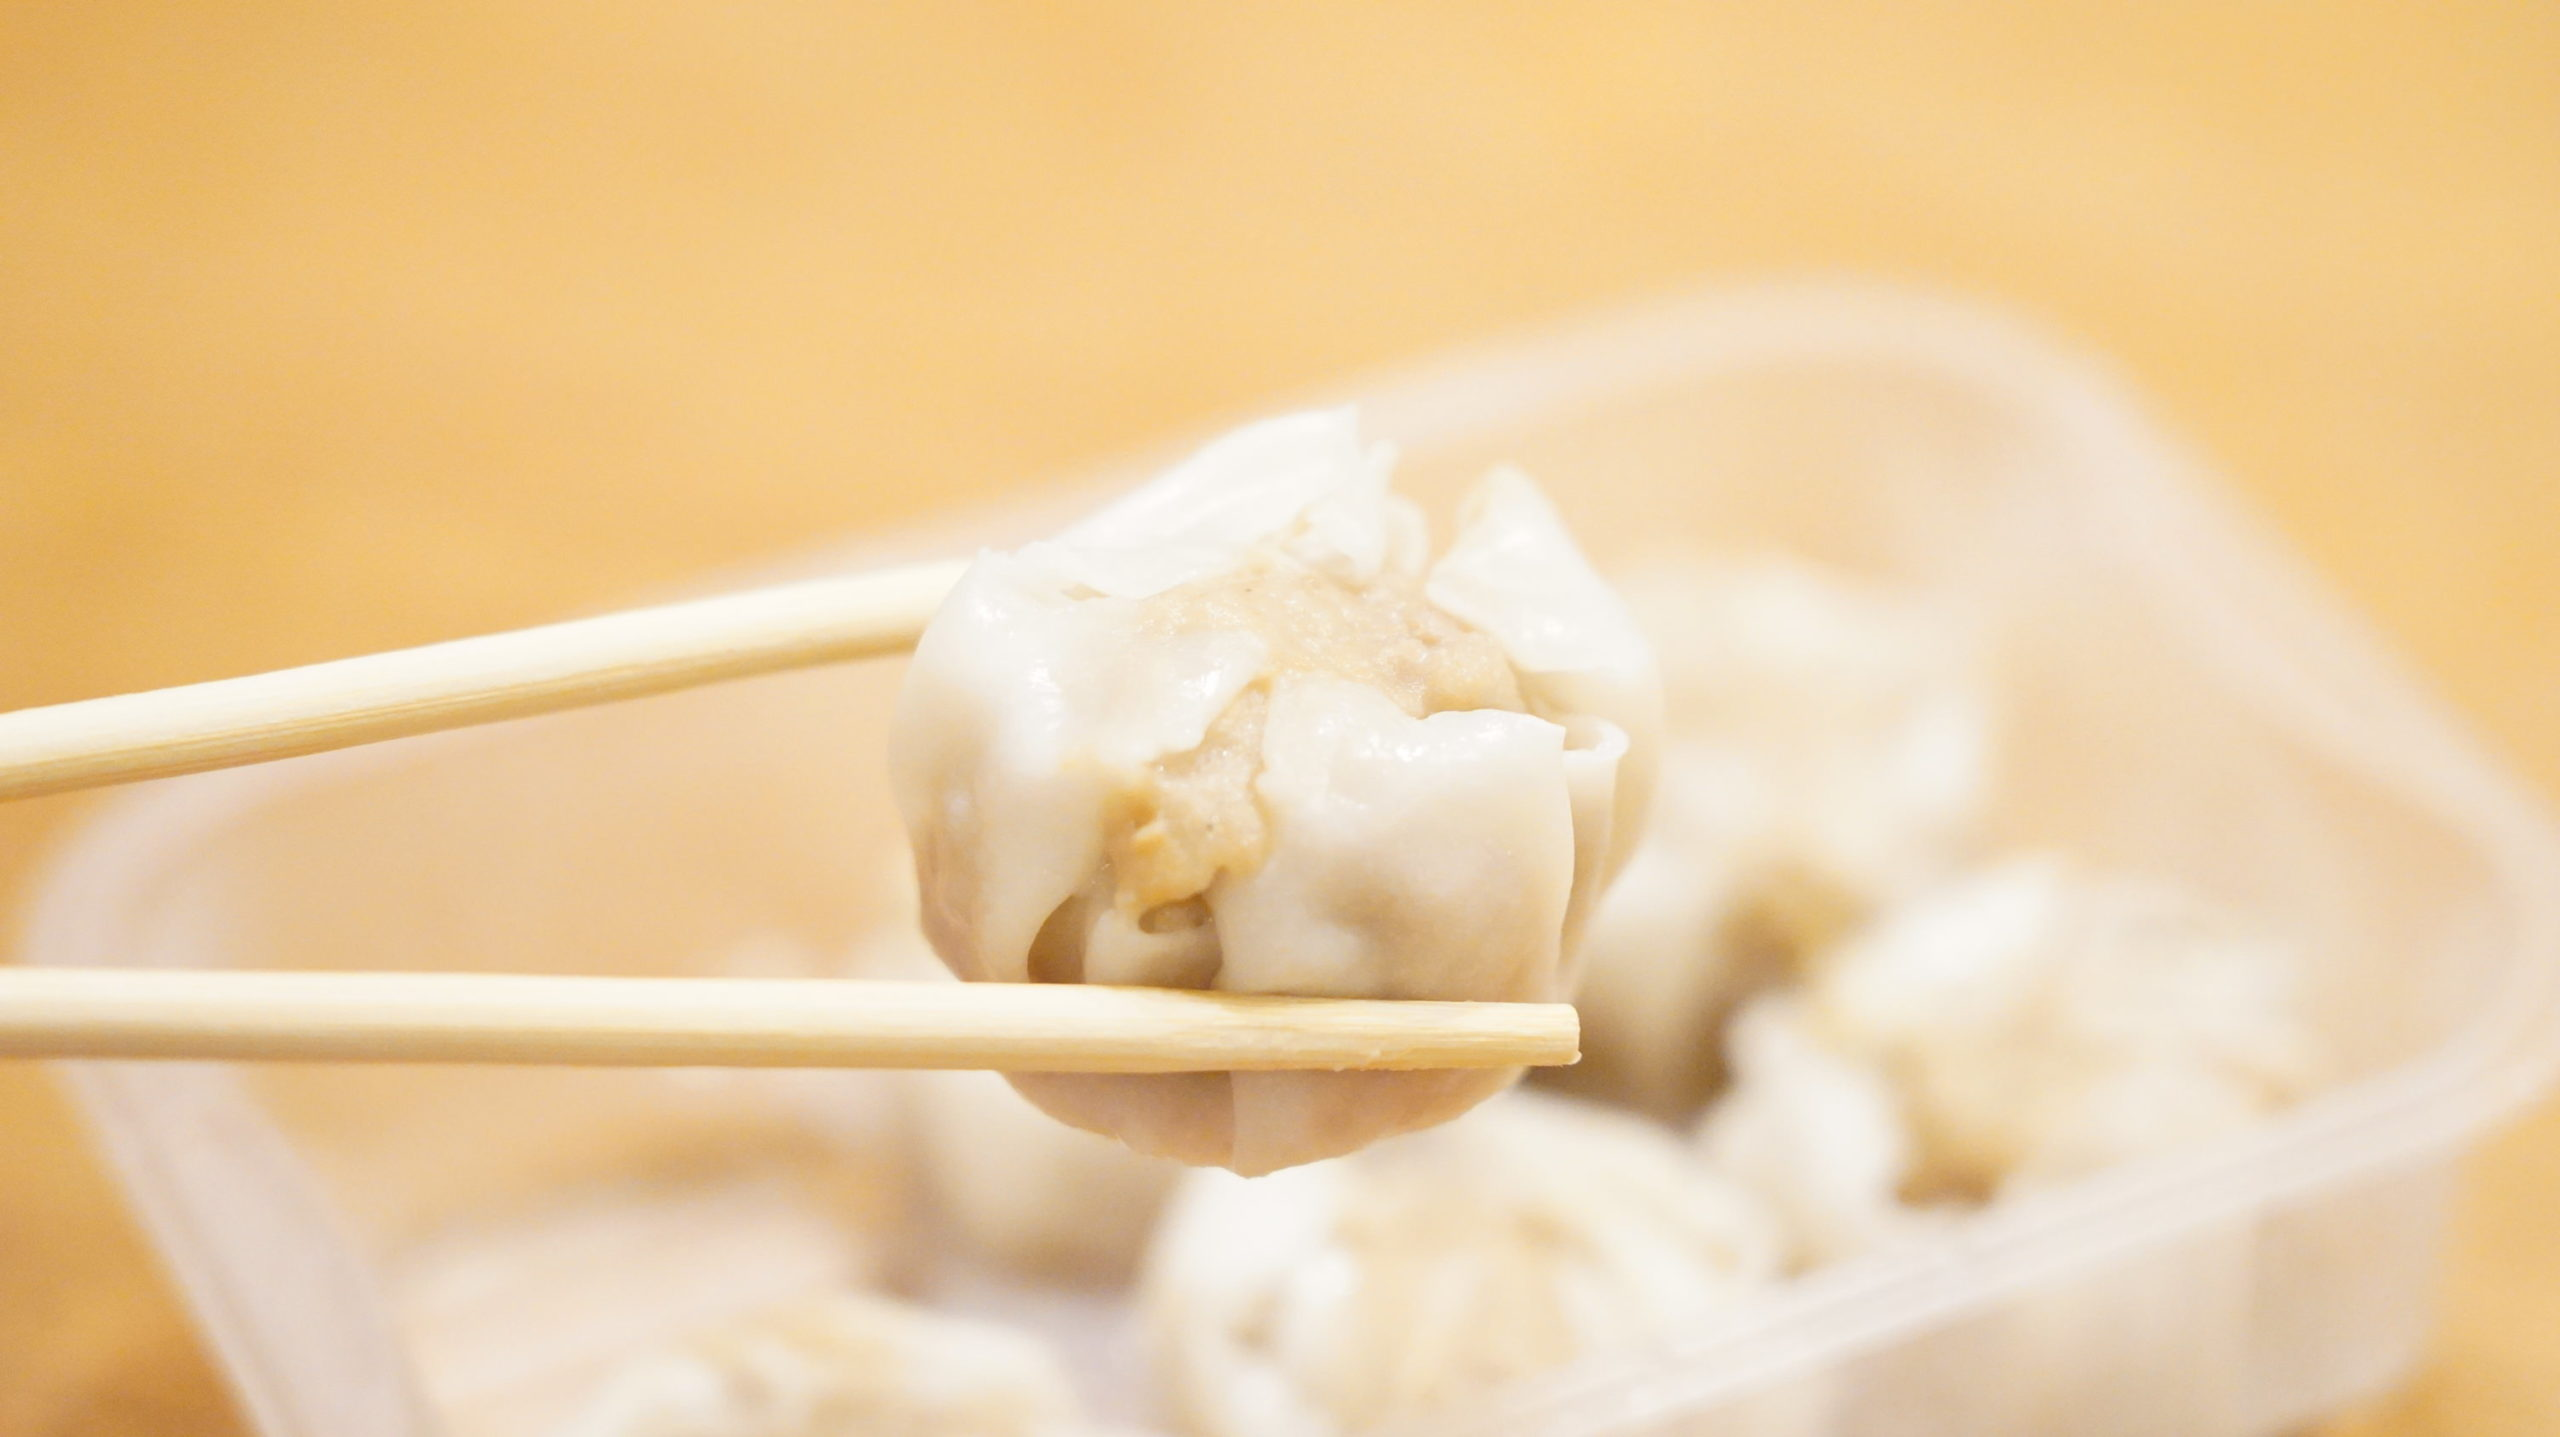 セブンイレブンのおすすめ冷凍食品「特製点心・本格肉焼売」を箸でつまんでいる写真